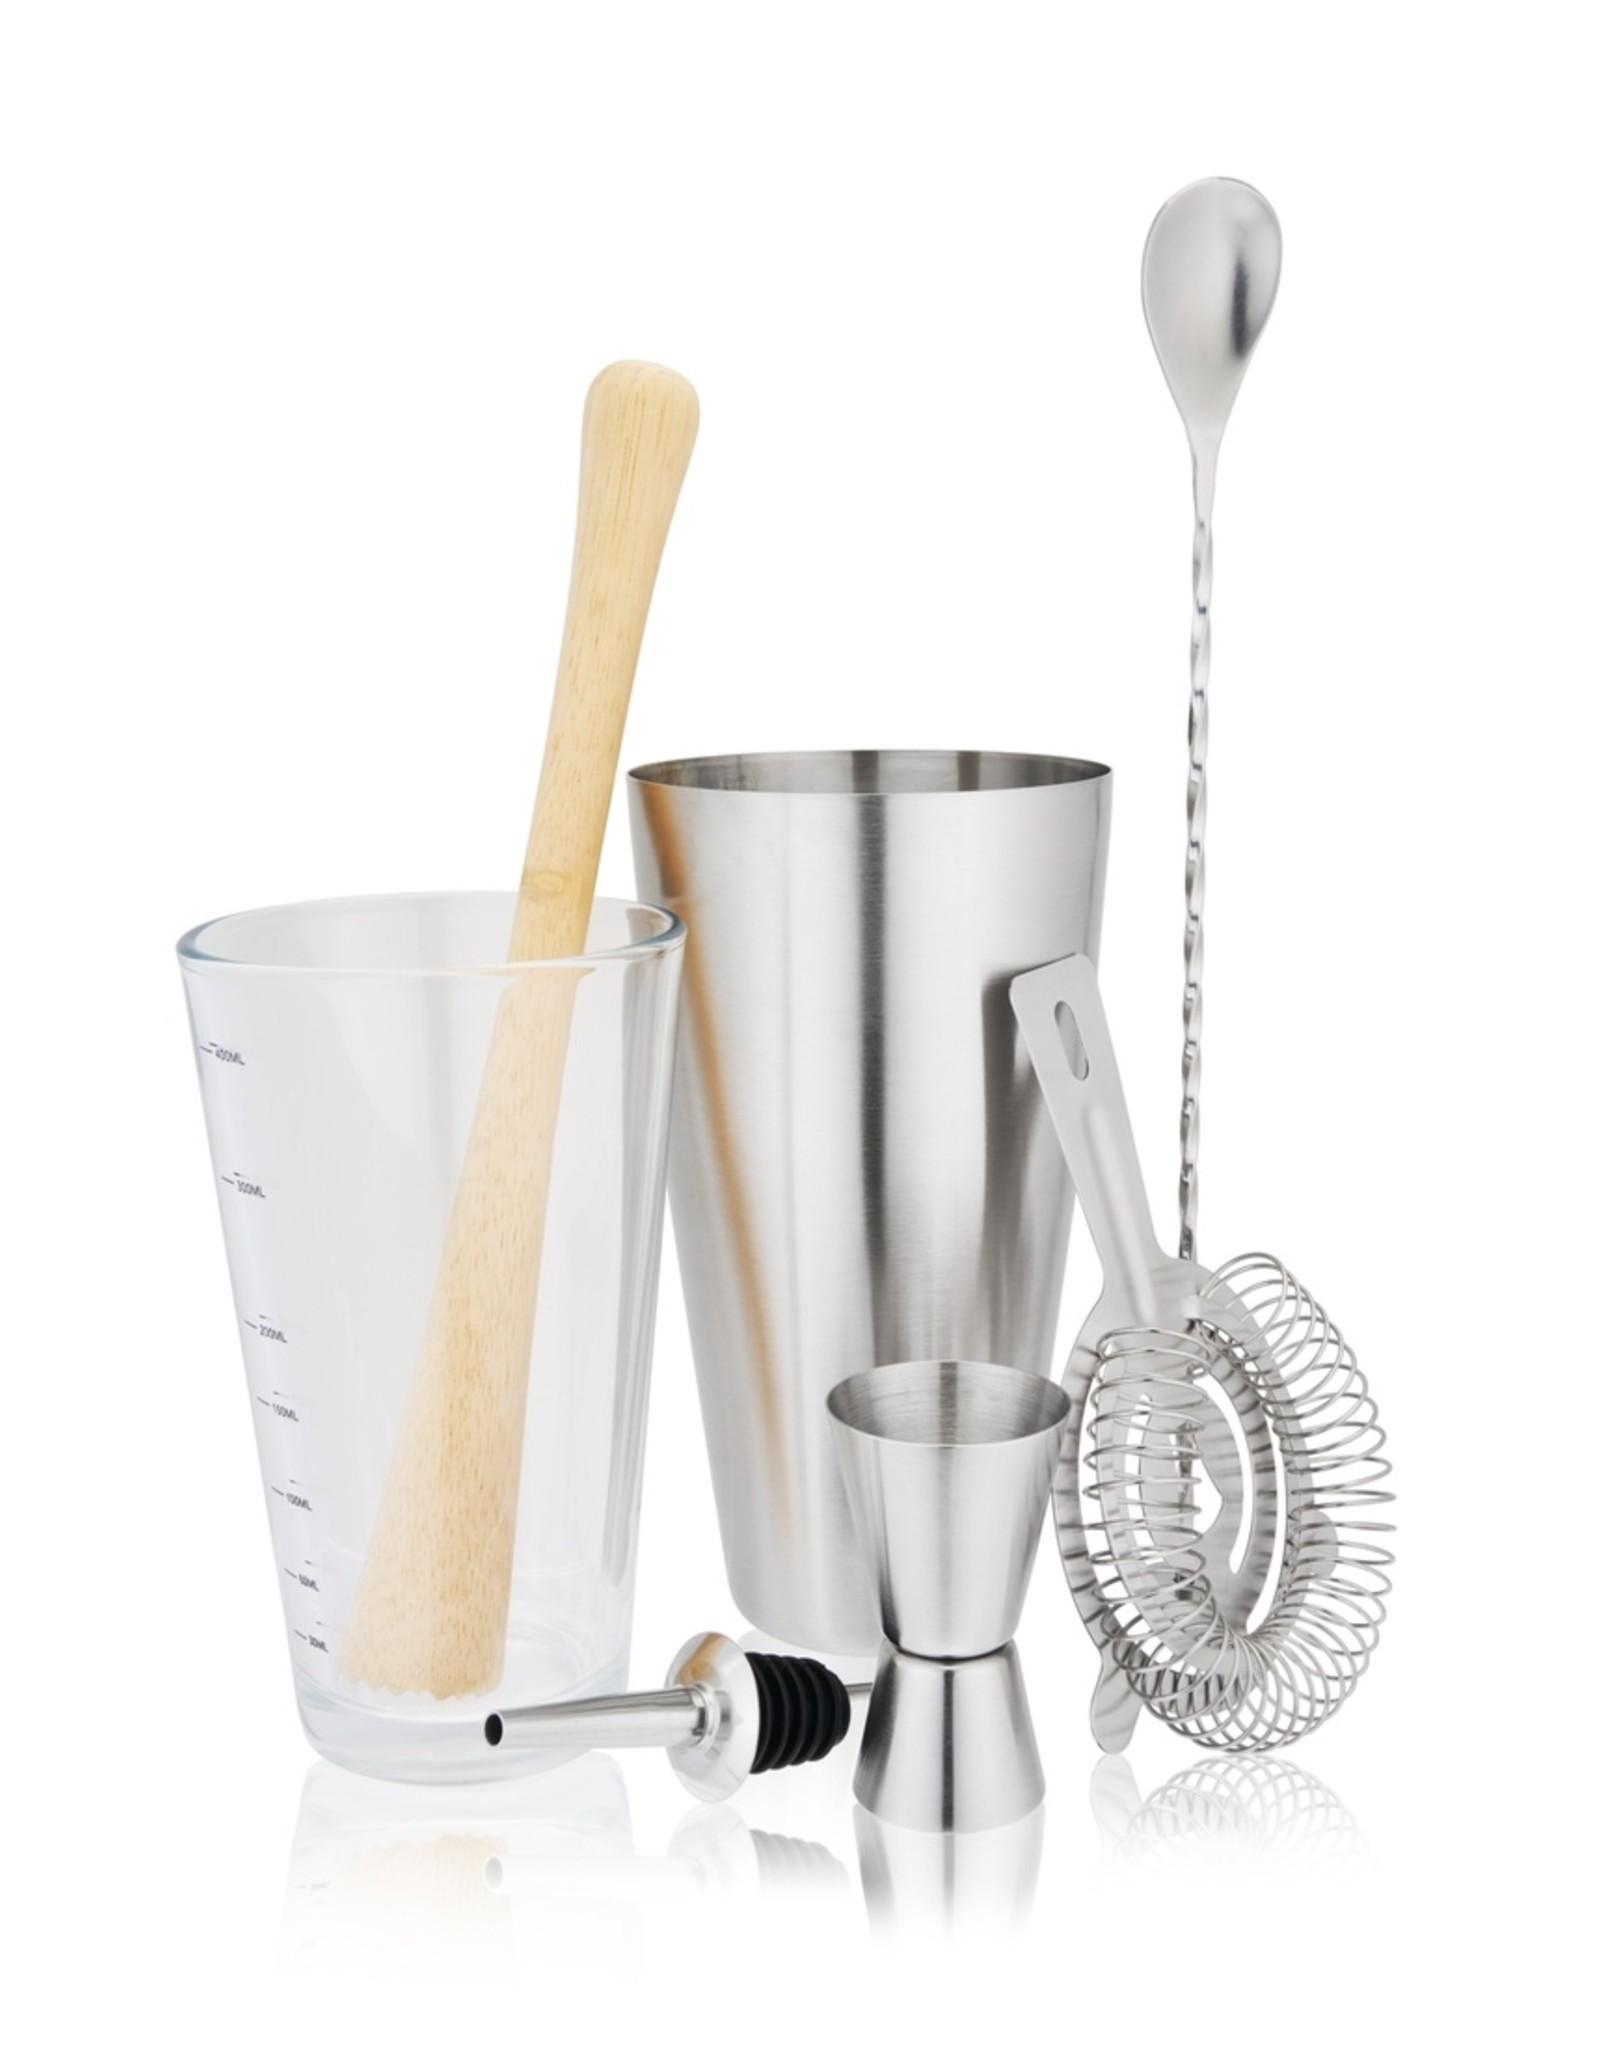 True Barware set - 7 pieces